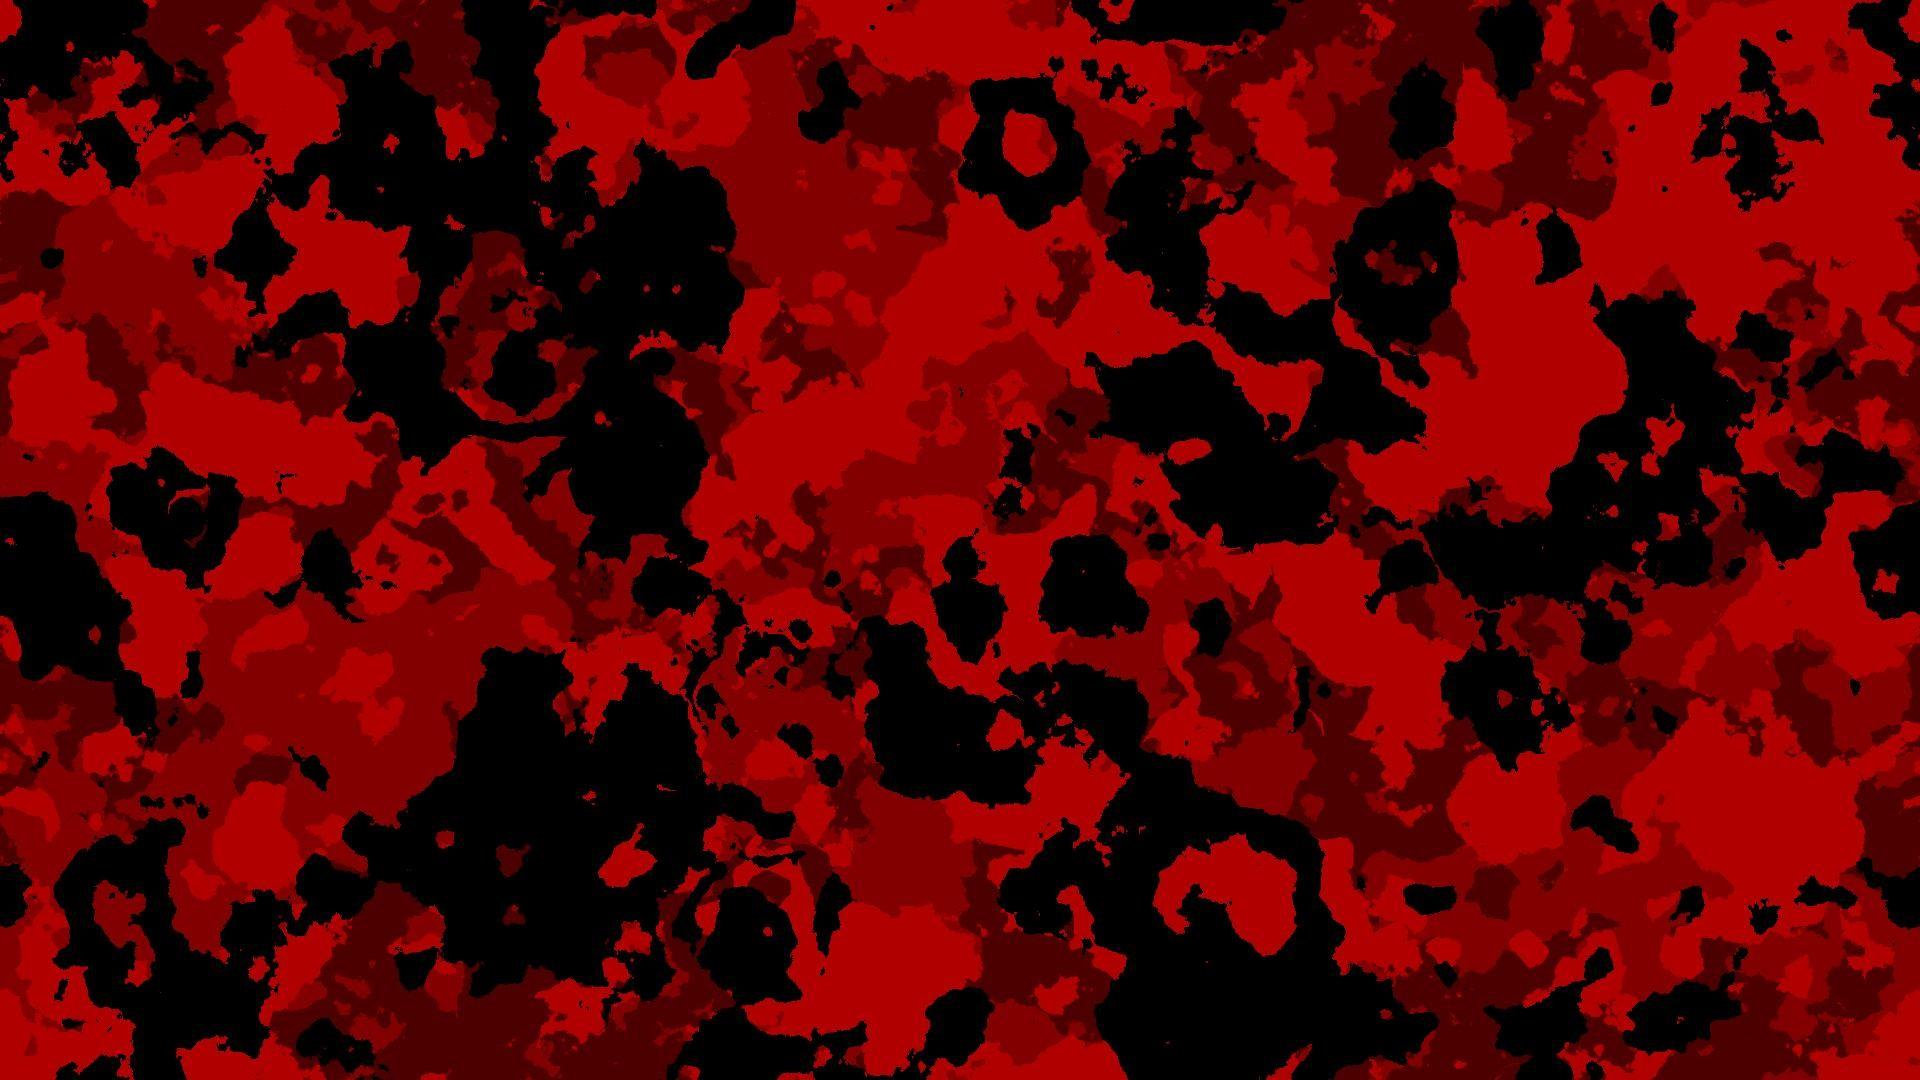 Bape Wallpaper HD (60+ images)